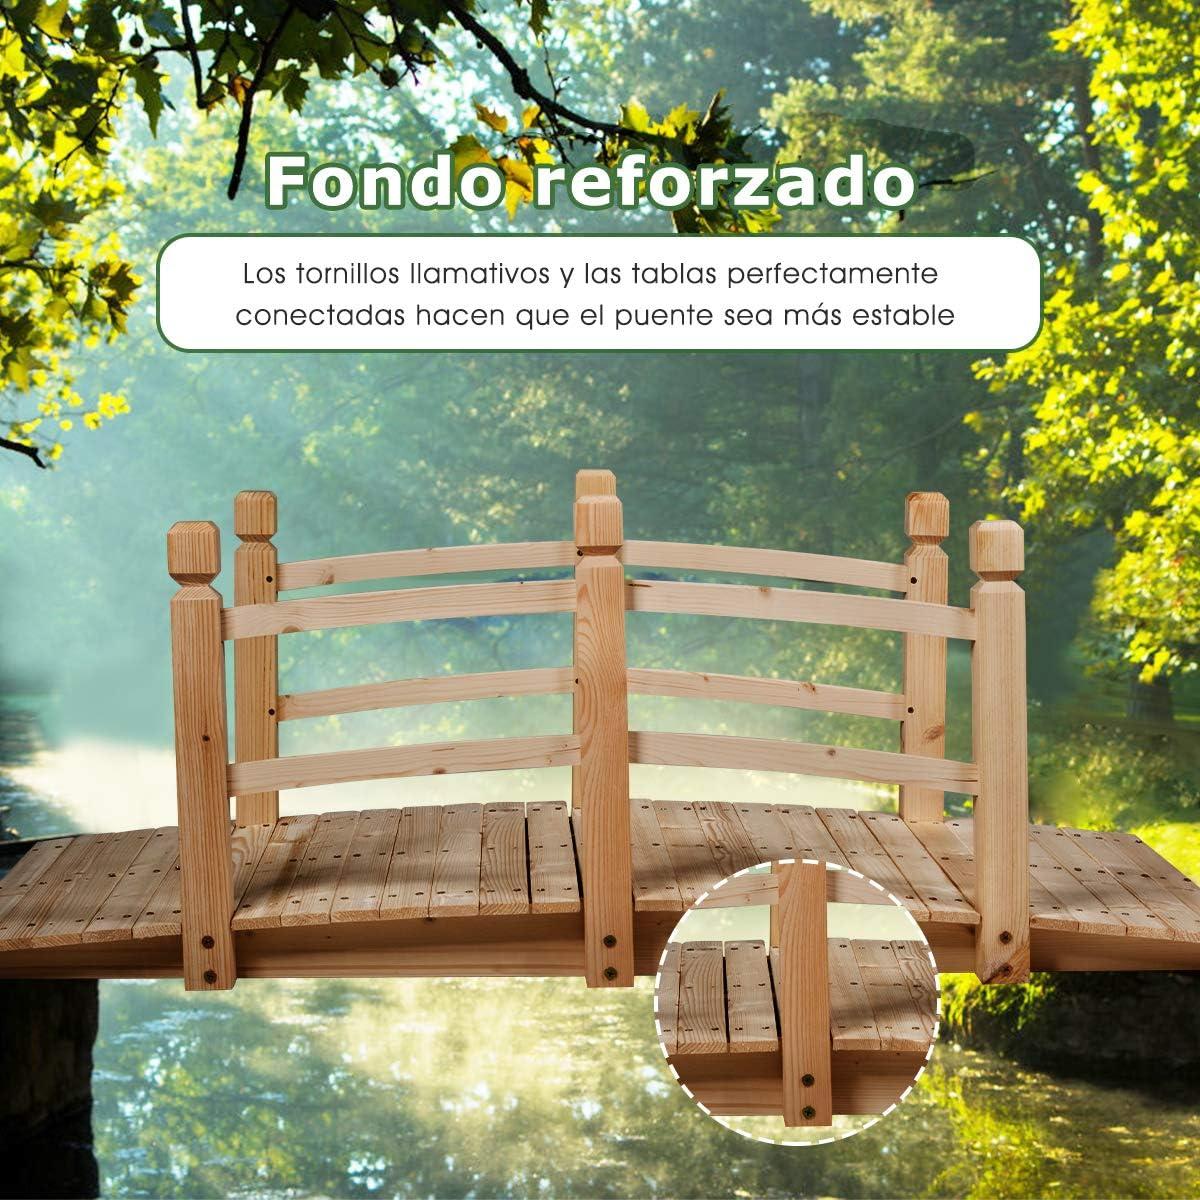 COSTWAY Puente de Jardín Madera para Estanque Jardín Hogar Decorativo con Barandilla 150x67x55 cm (Color Madera): Amazon.es: Hogar